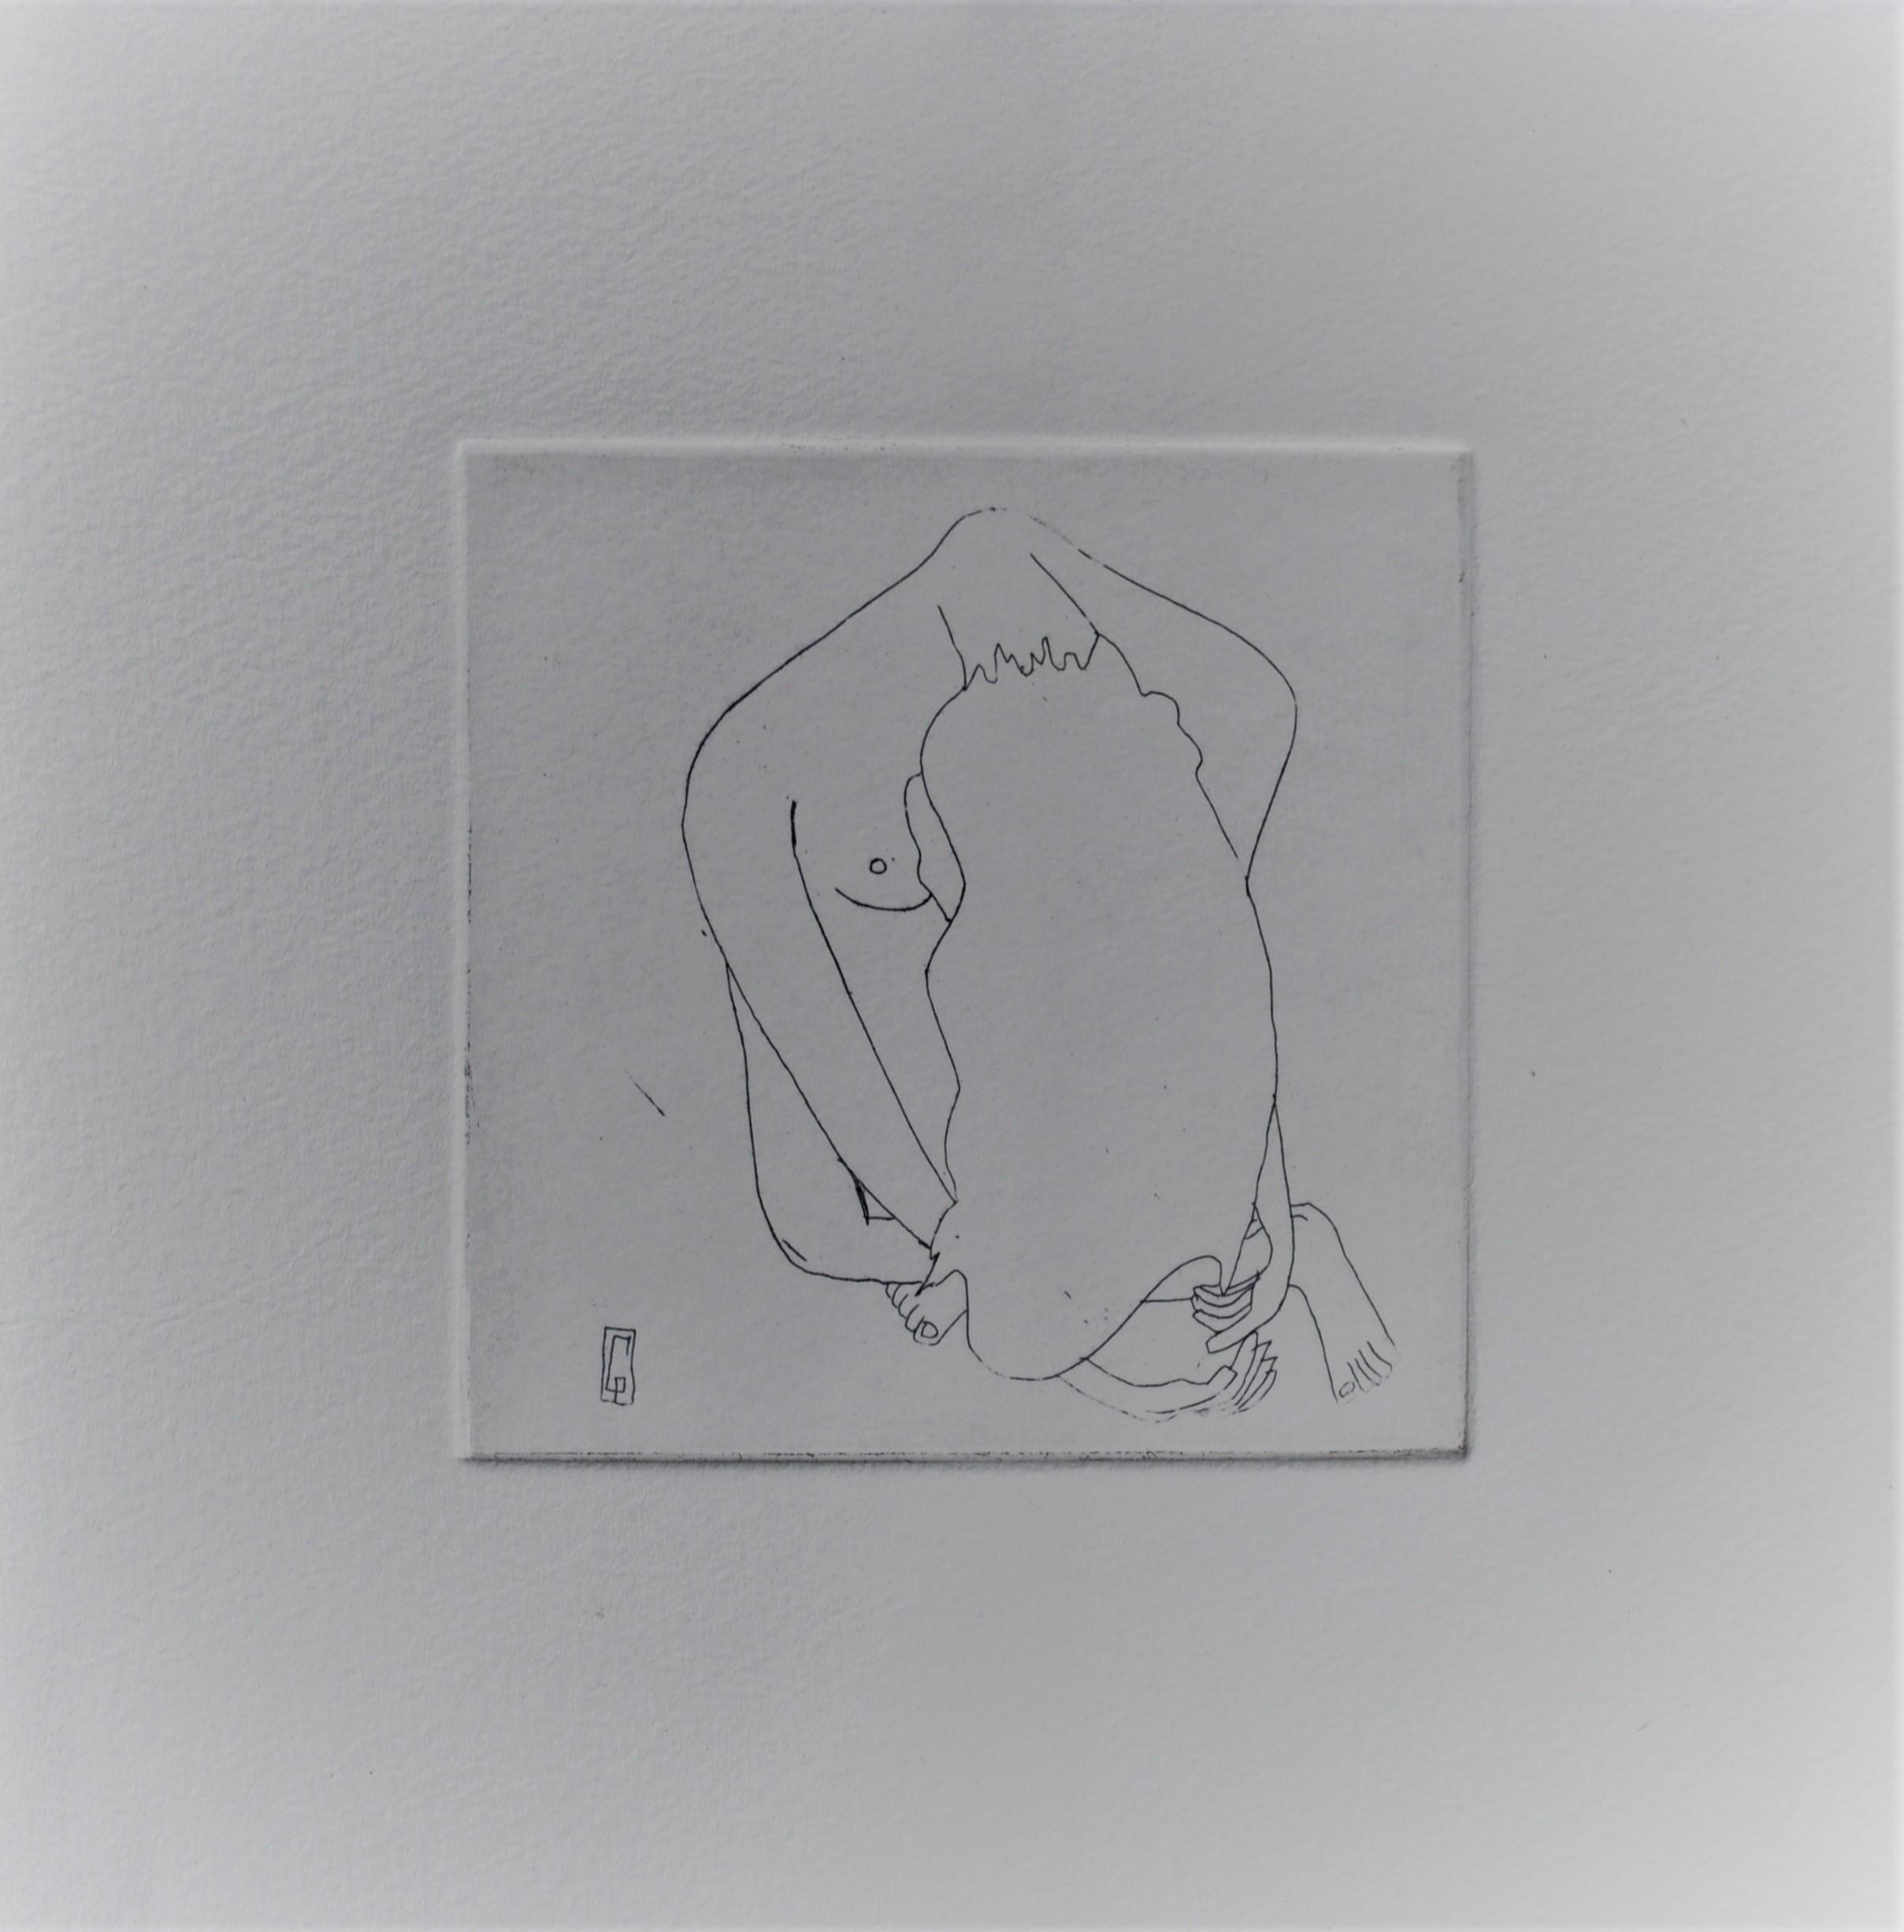 (c) Confais Le Repos Eau Forte matrice 10x10 imprimée sur papier Hannemühle 20x20 en 40 exemplaires numérotés signés